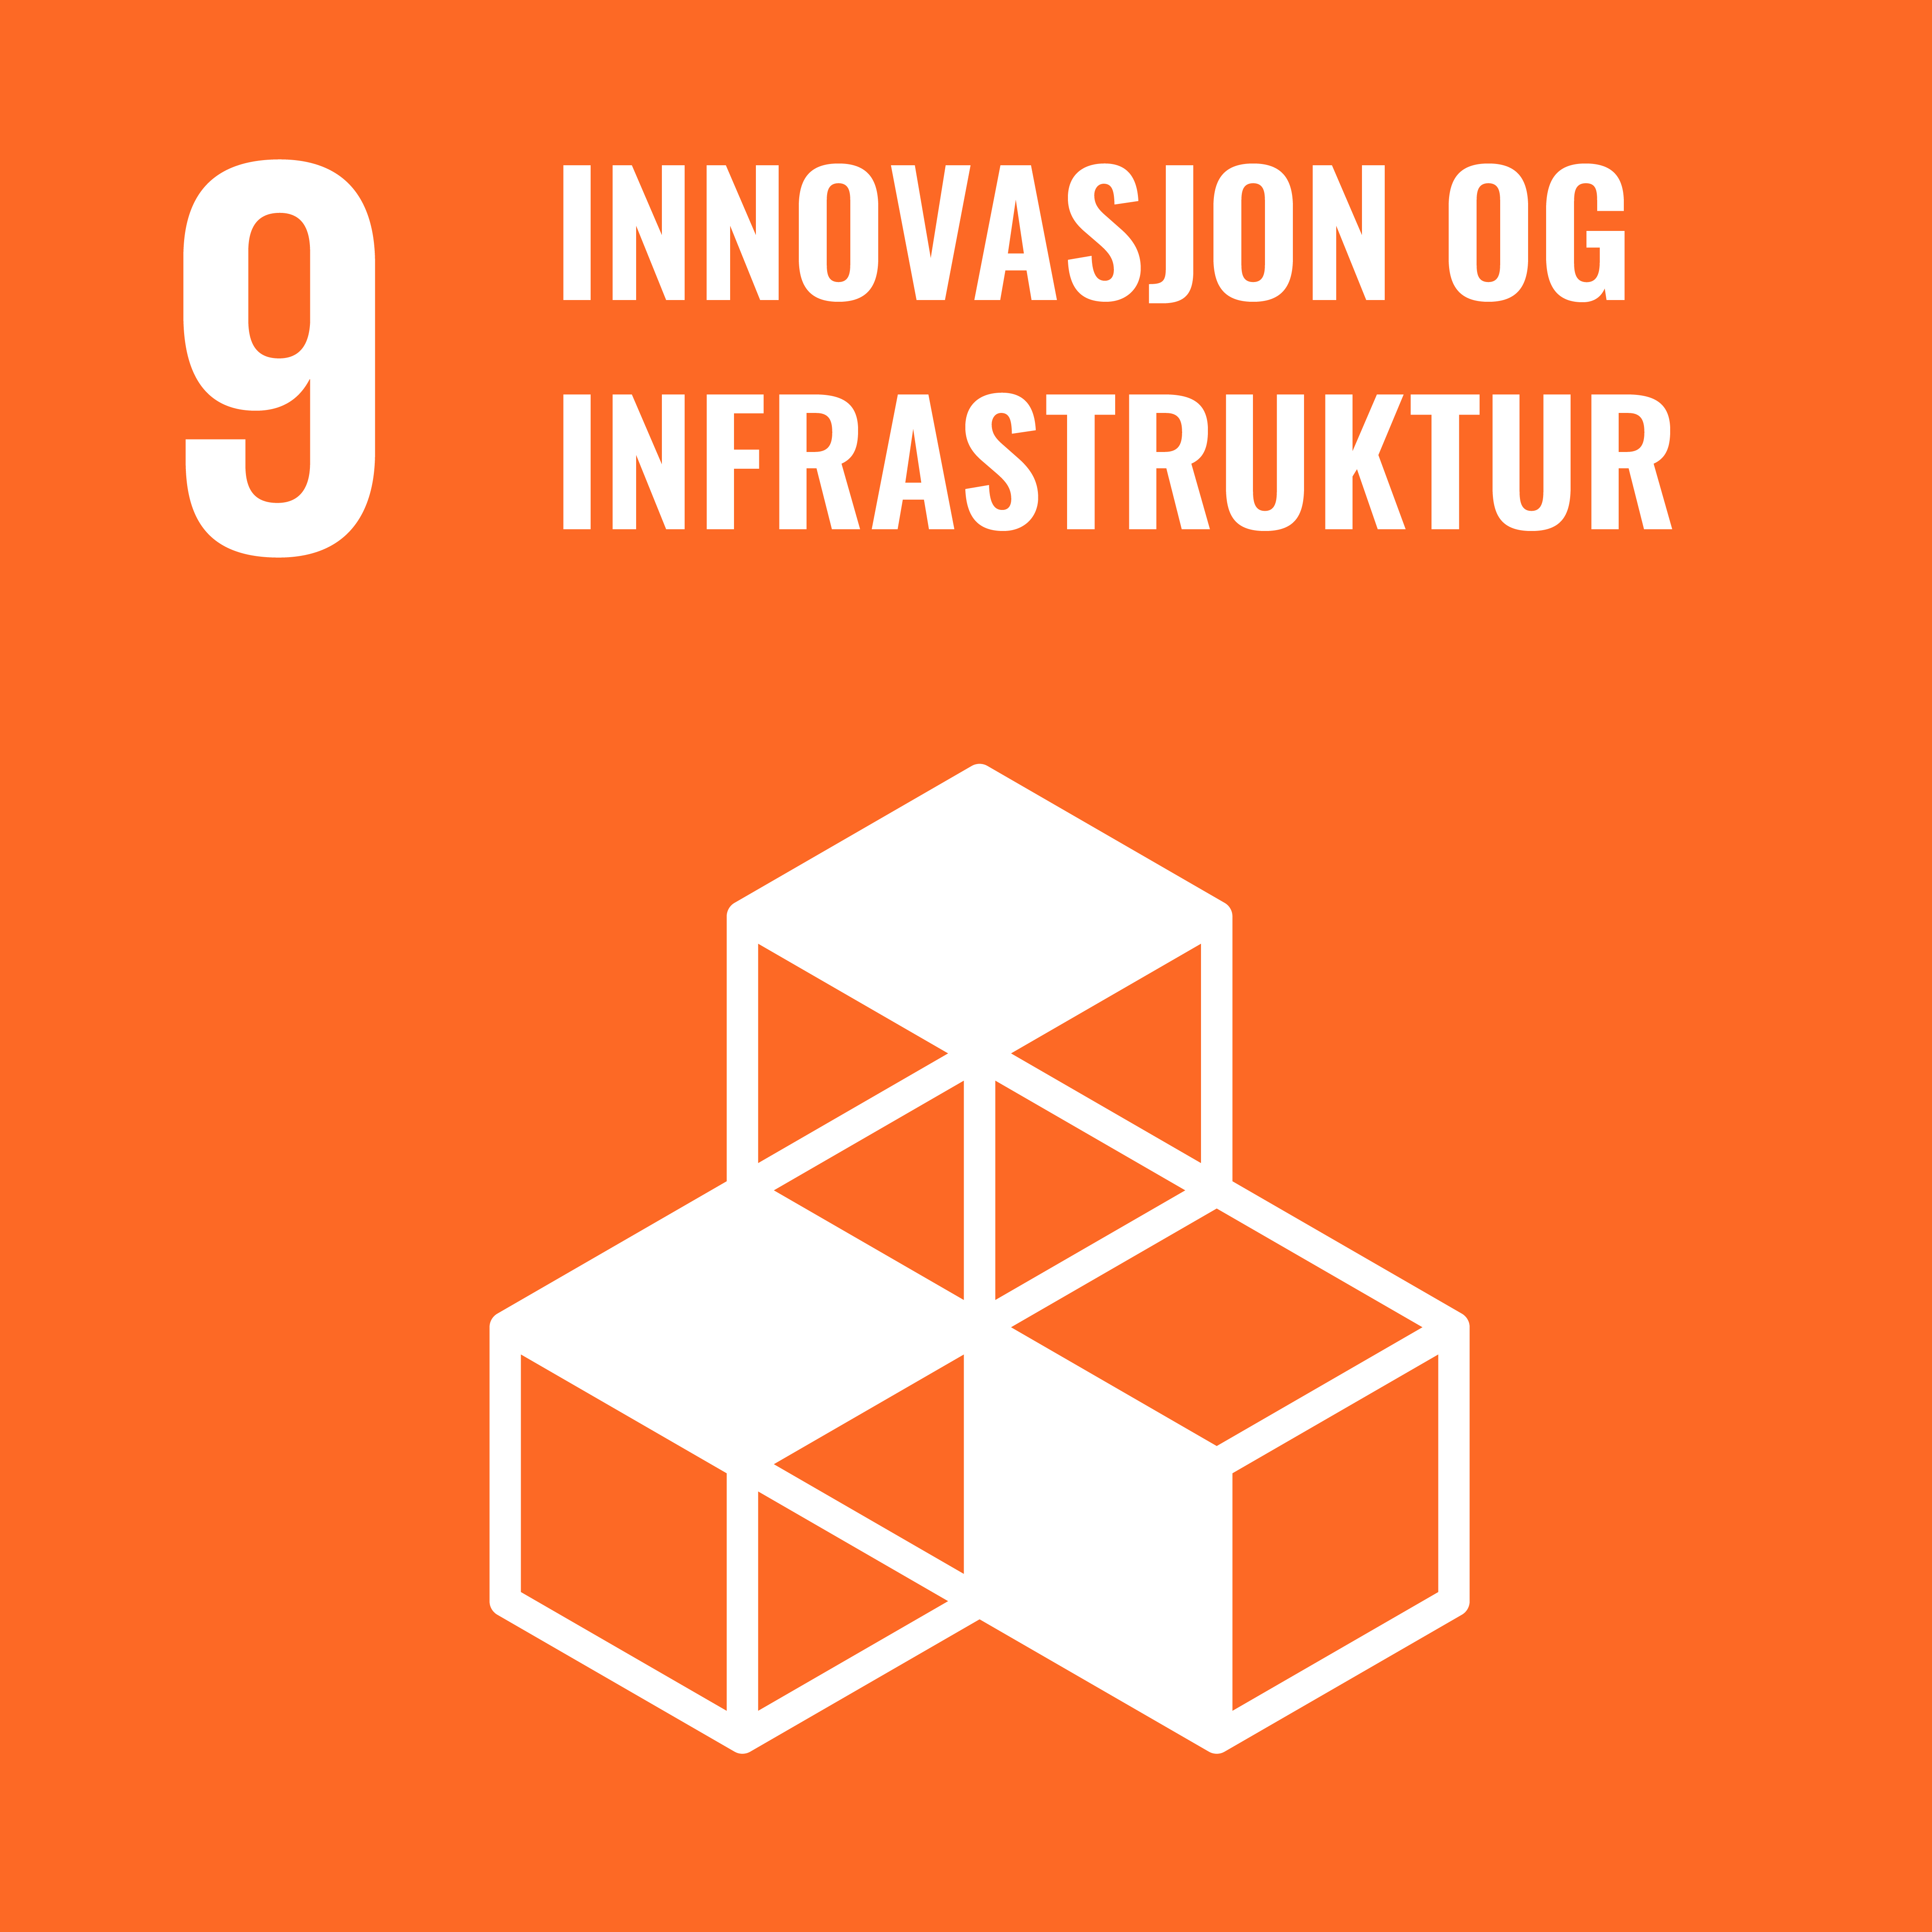 9 Innovasjon og infrastruktur